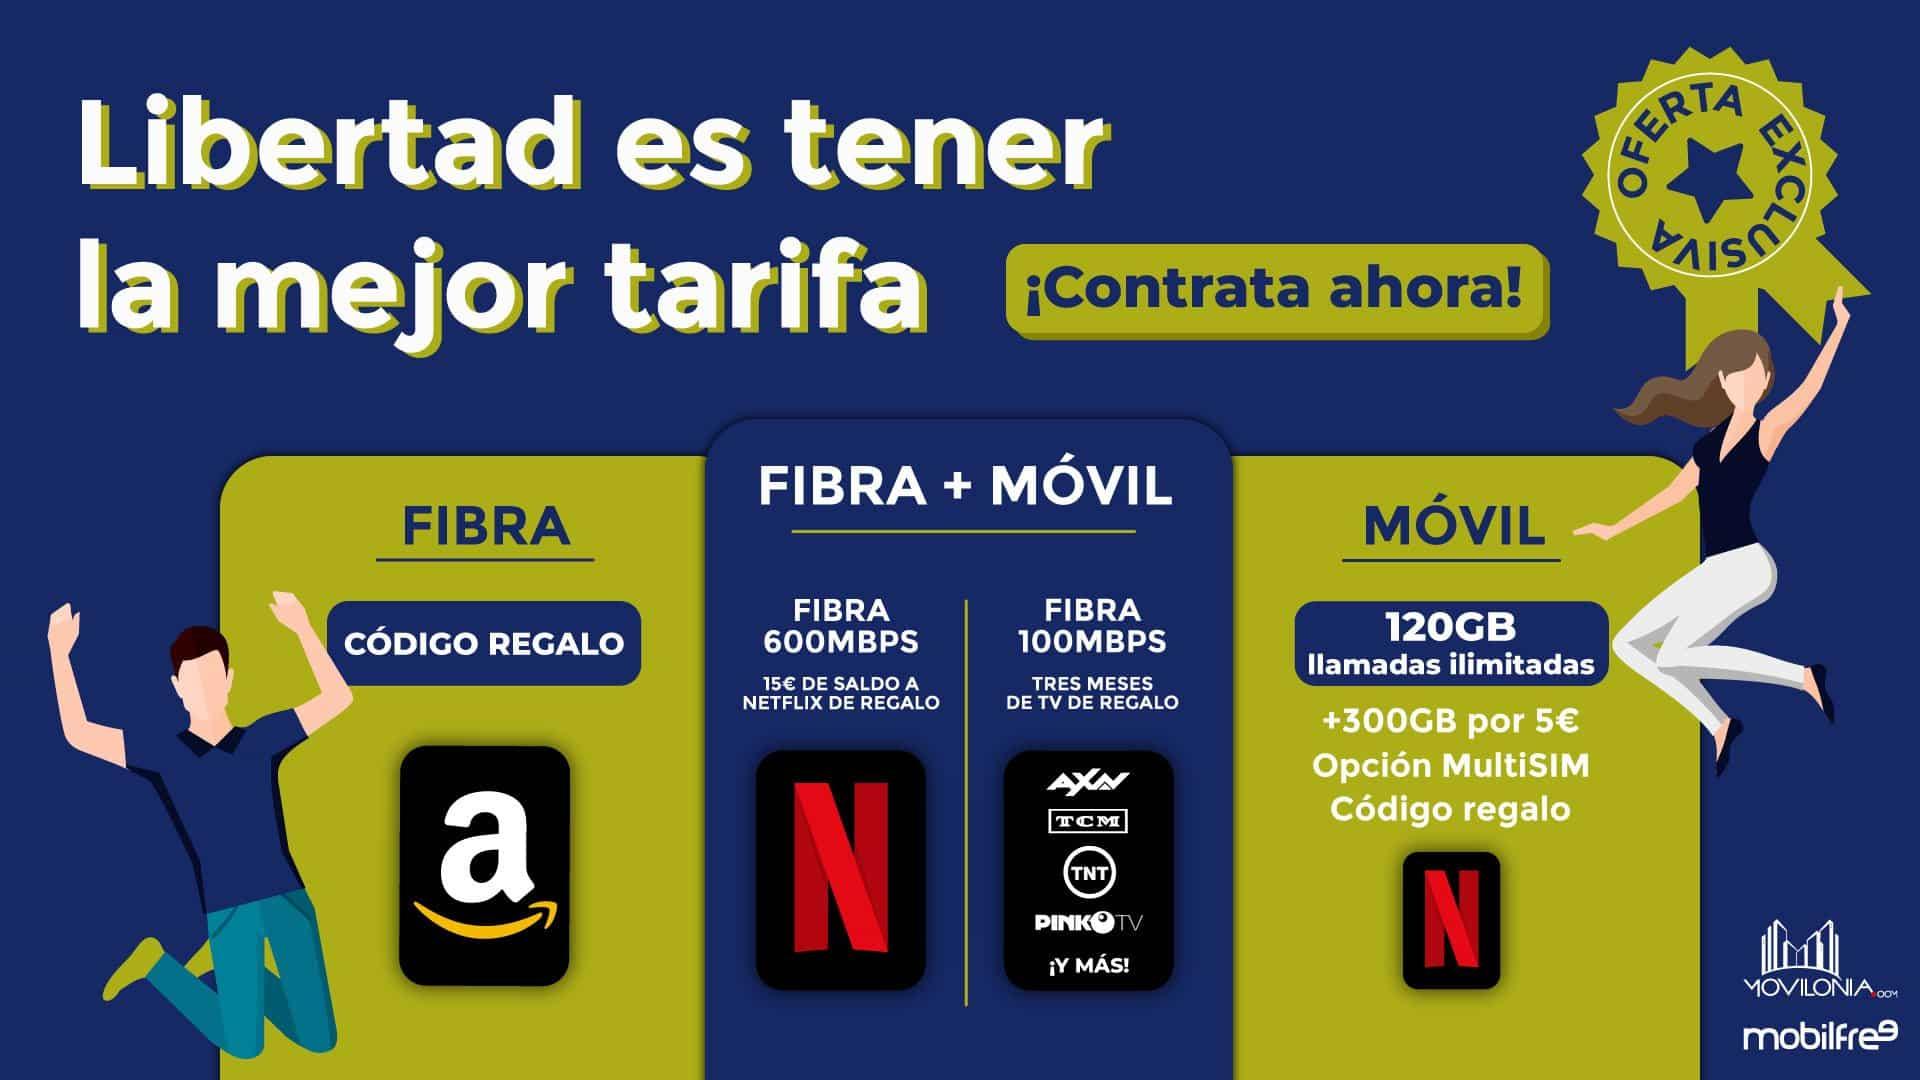 oferta especial Mobilfree Movilonia.com